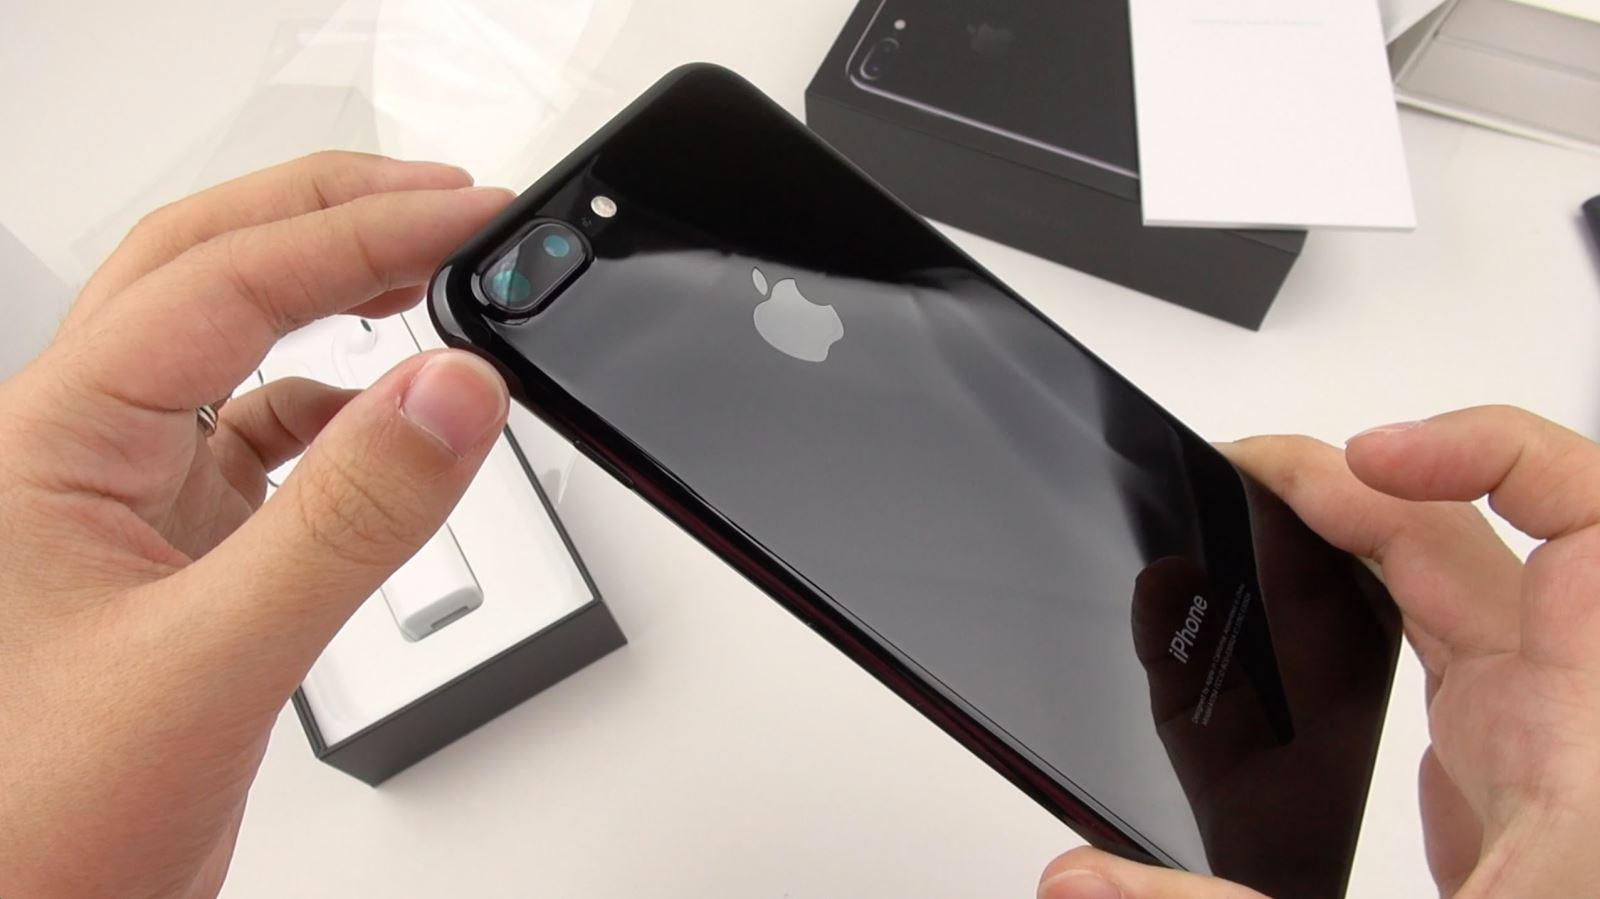 Iphone 7 plus hàng xách tay giá bao nhiêu - Bảng nhá NEW 2018 2